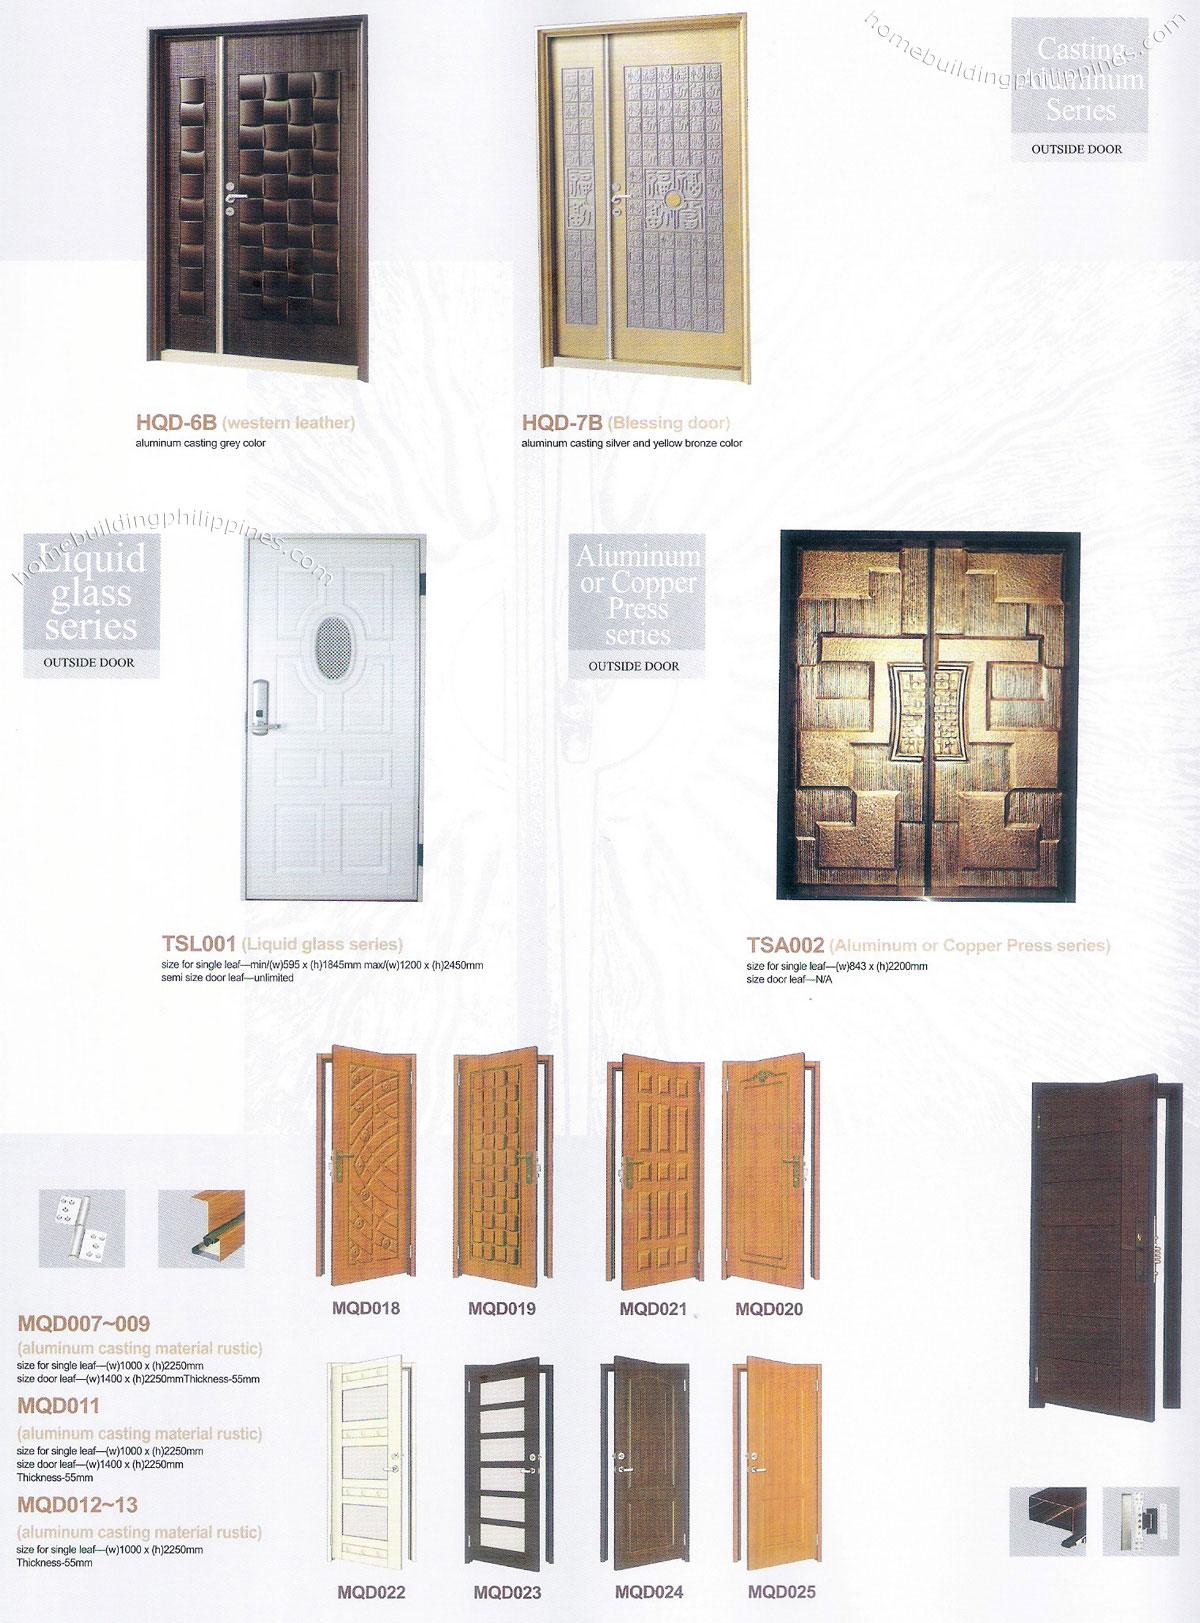 Liquid Glass Outside Doors Aluminum Or Copper Press